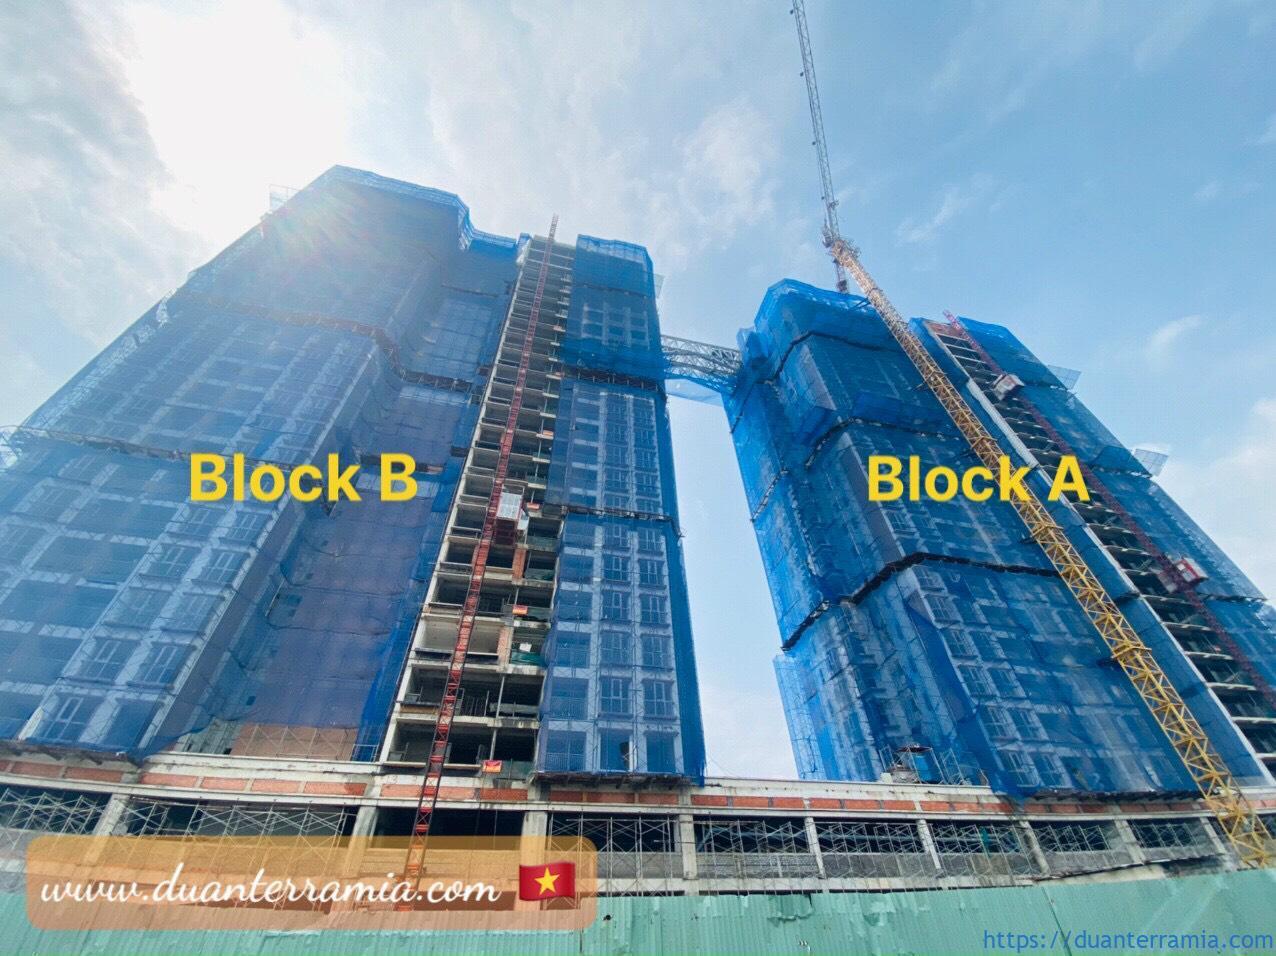 Cập nhật tiến độ xây dựng căn hộ Terra Mia Tháng 4.2021